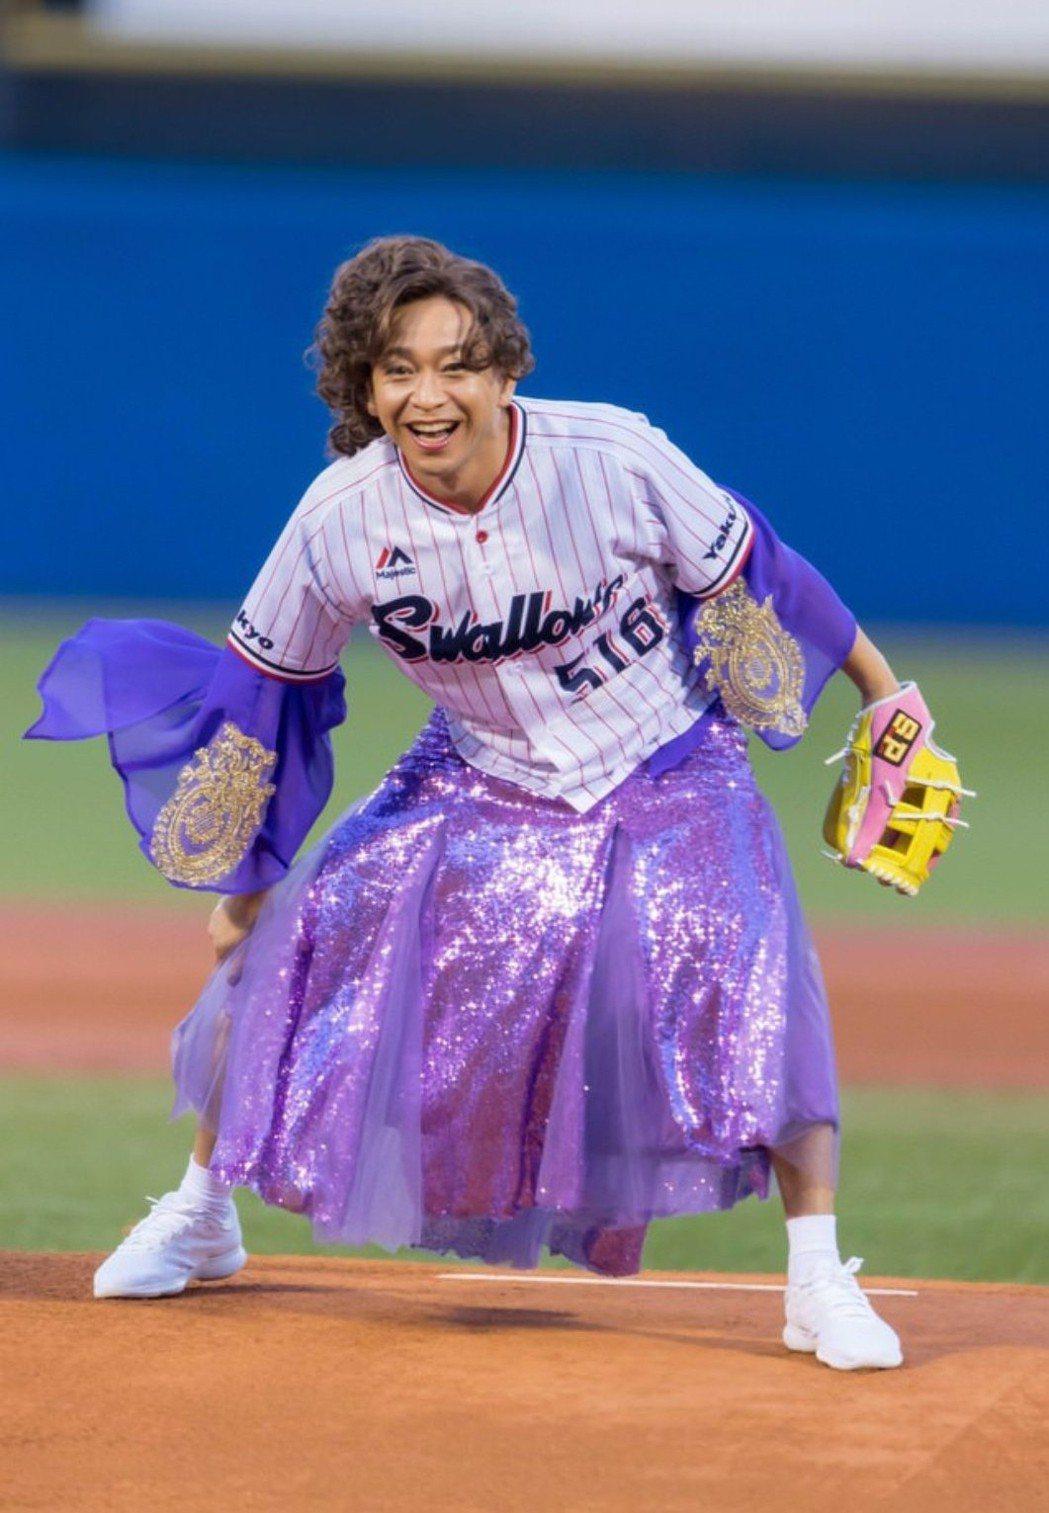 城島茂前天強顏歡笑穿女裝開球。圖/摘自推特